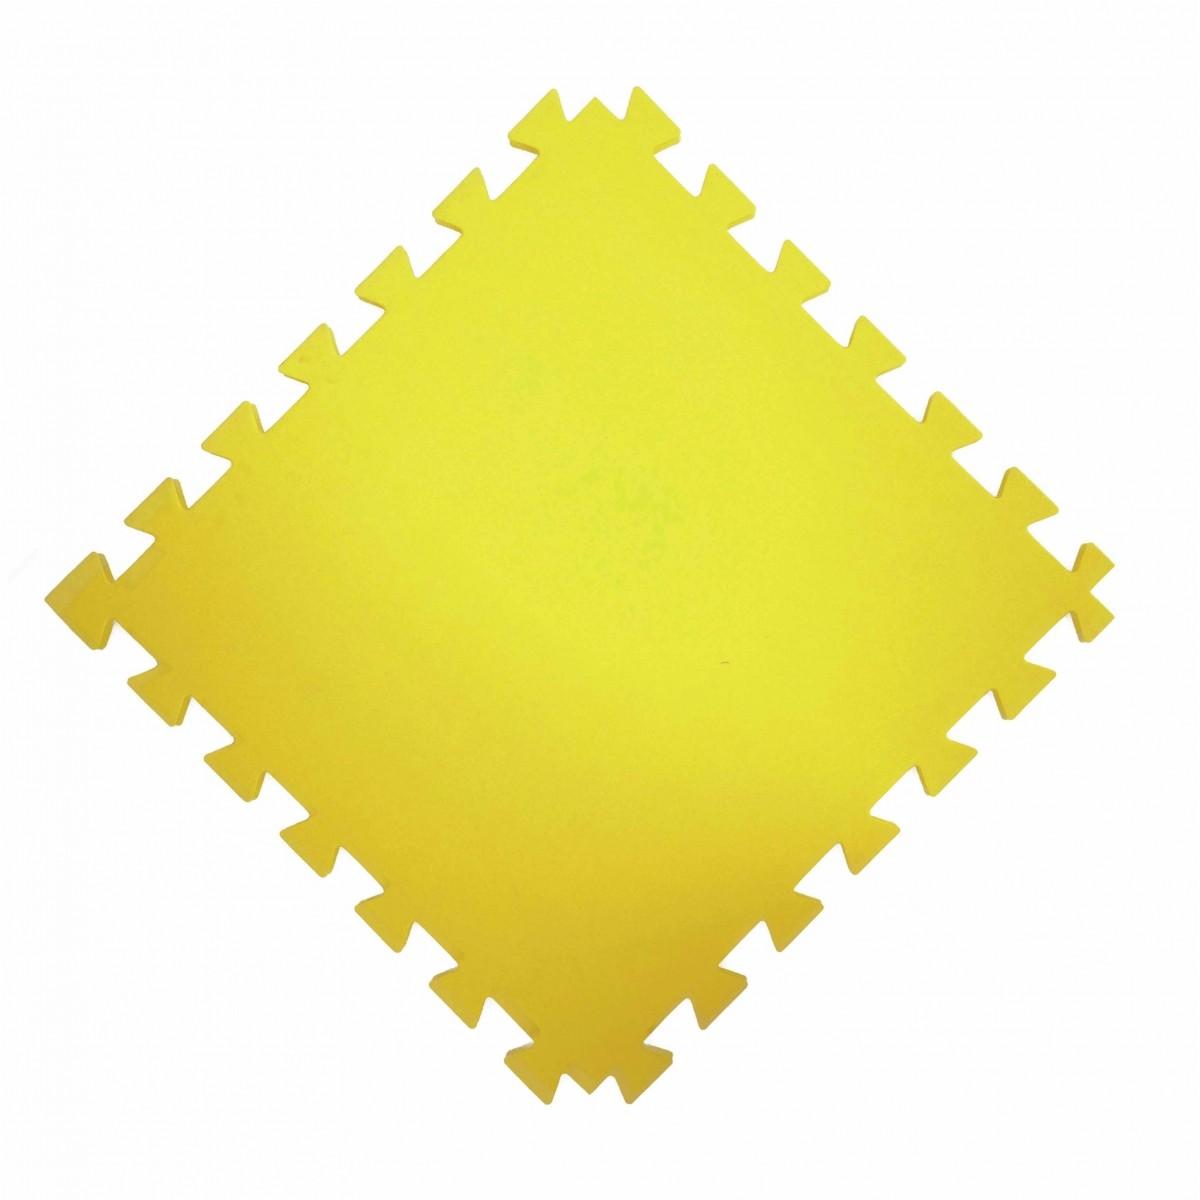 Tatame  100x100cm Com 40mm de Espessura   Amarelo  -